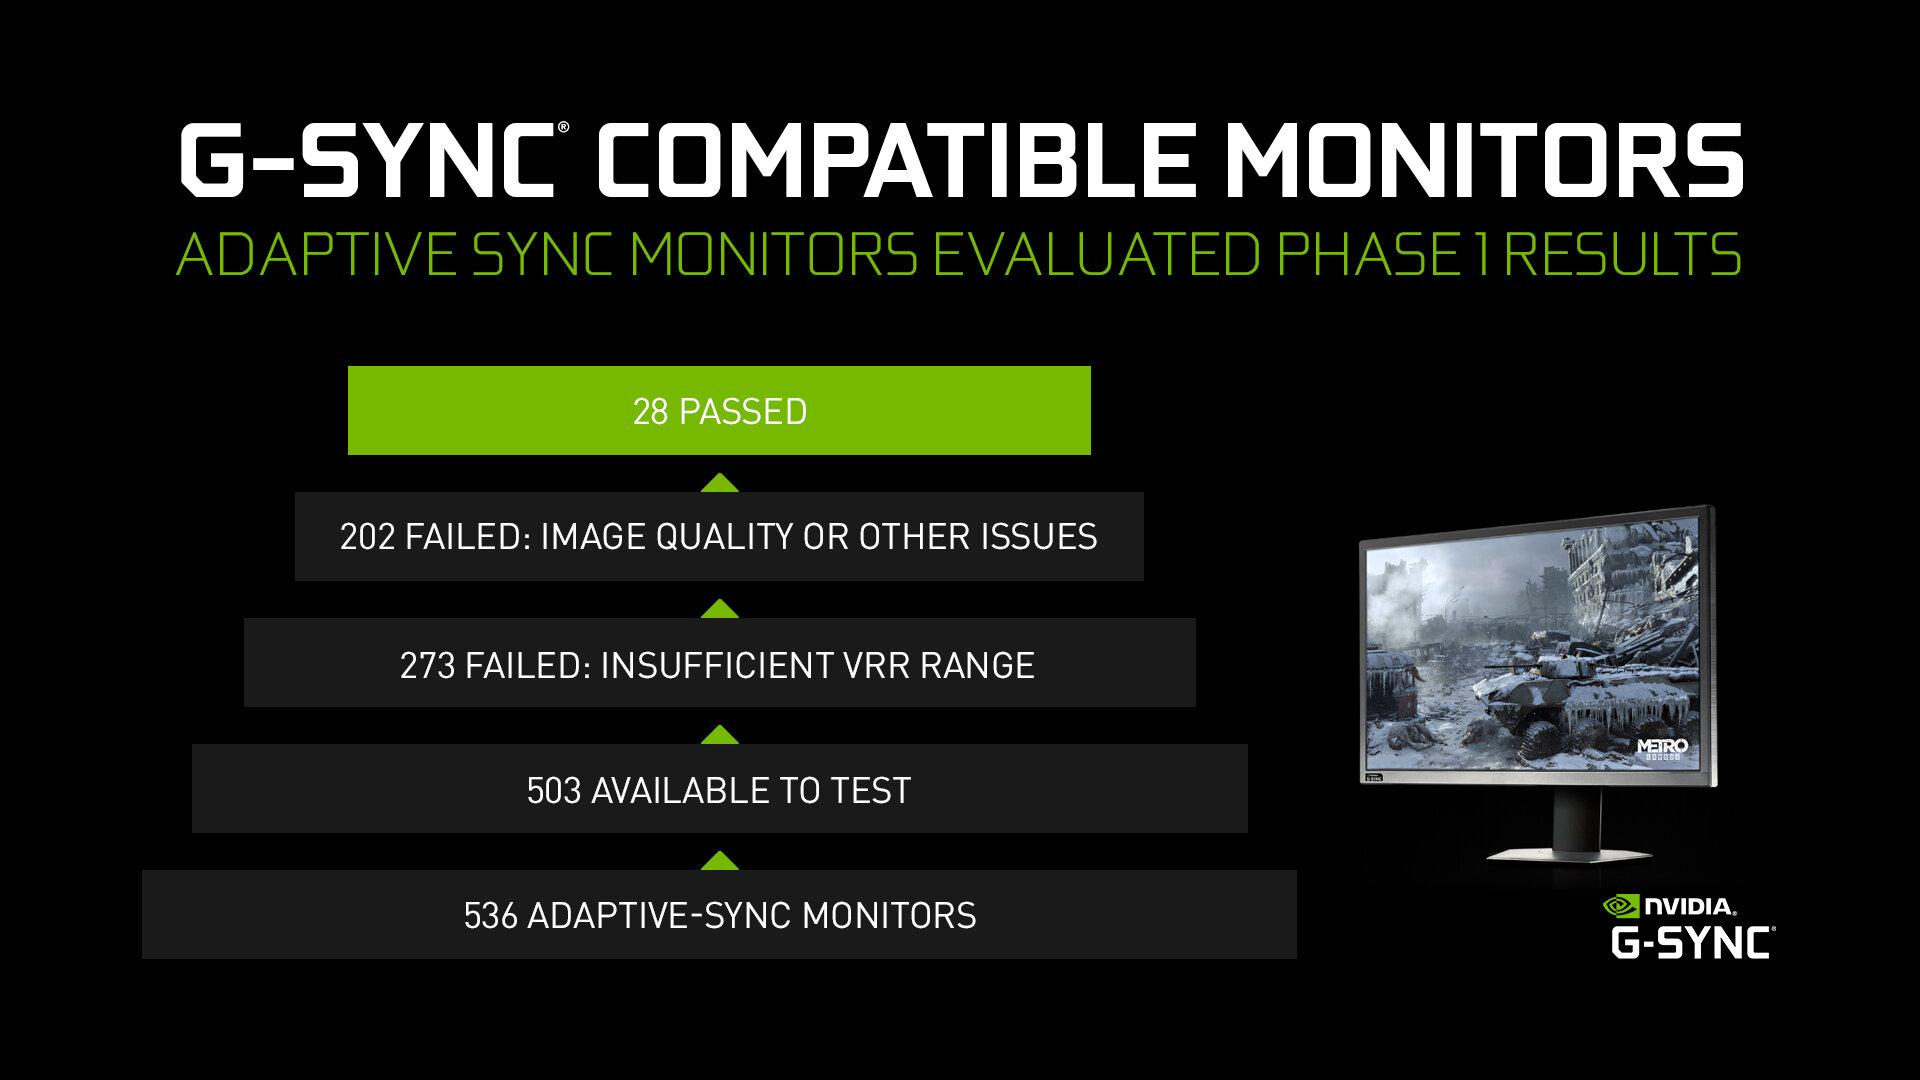 Nur 28 Monitore bieten laut Nvidia G-Sync-Kompatibilität